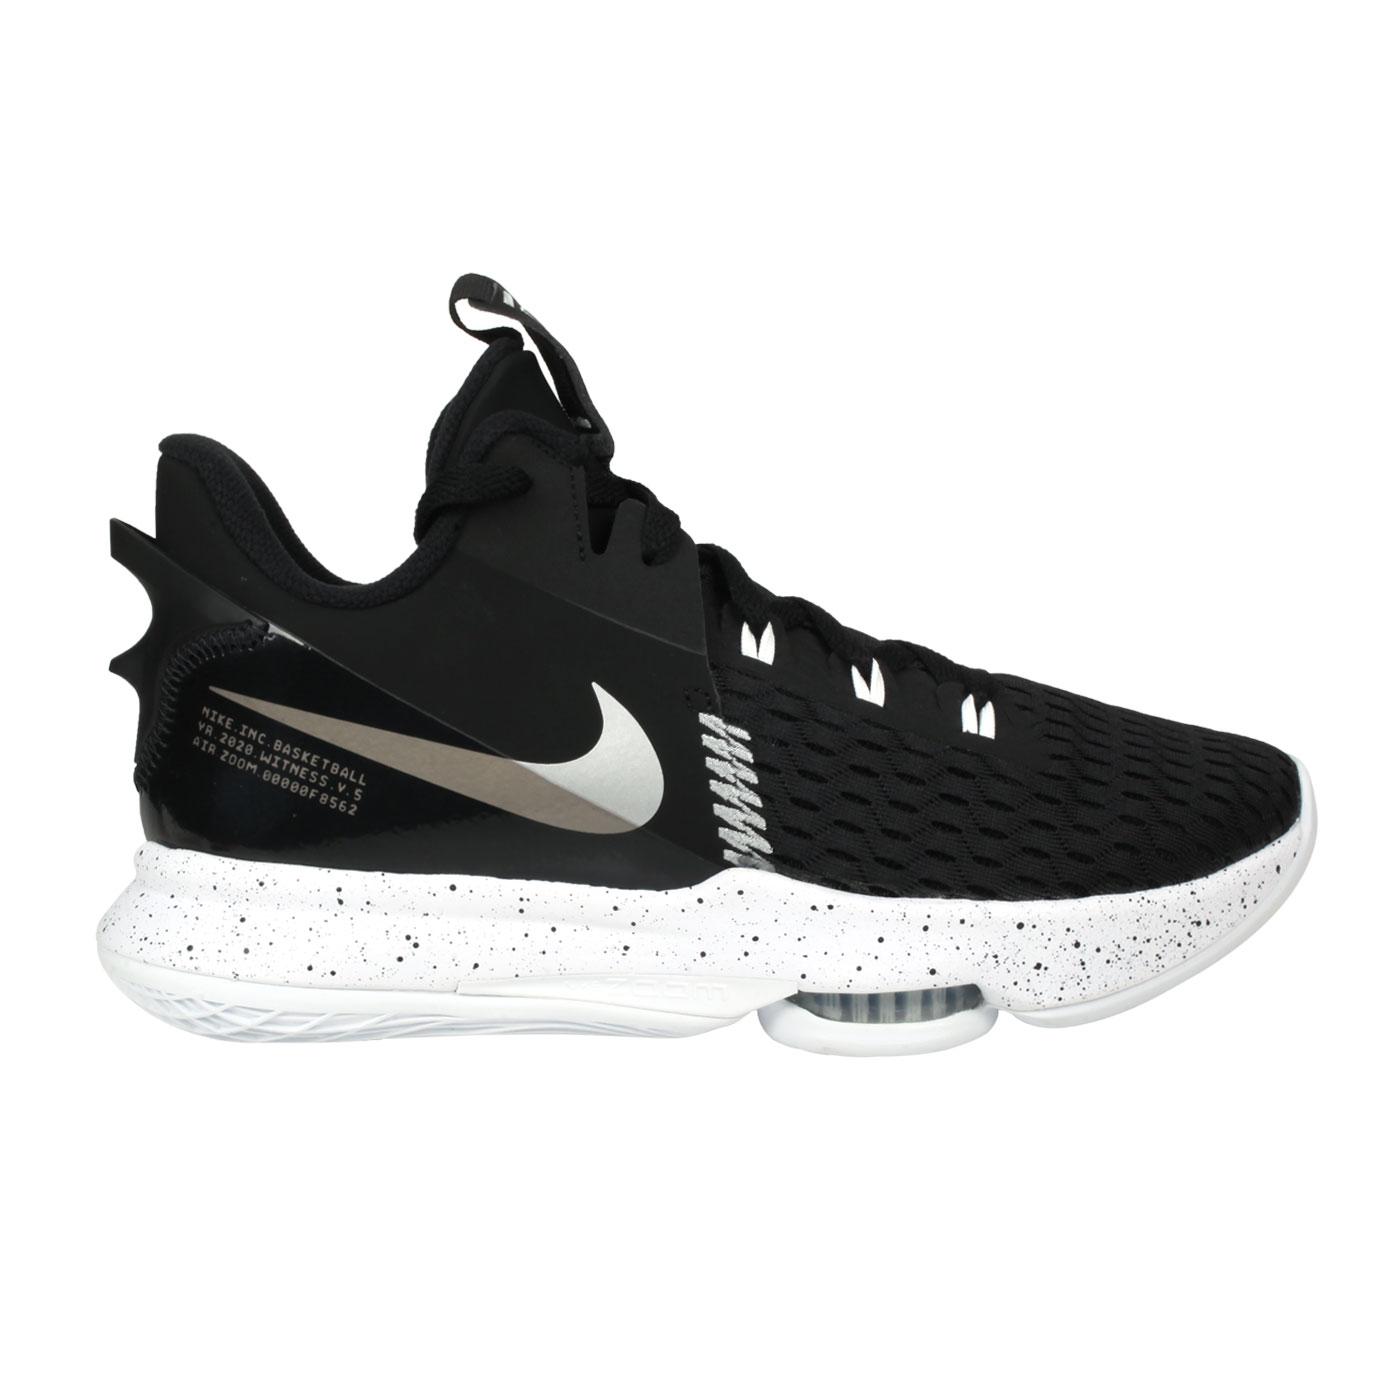 NIKE 男款籃球鞋  @LEBRON WITNESS V EP@CQ9381002 - 黑白銀